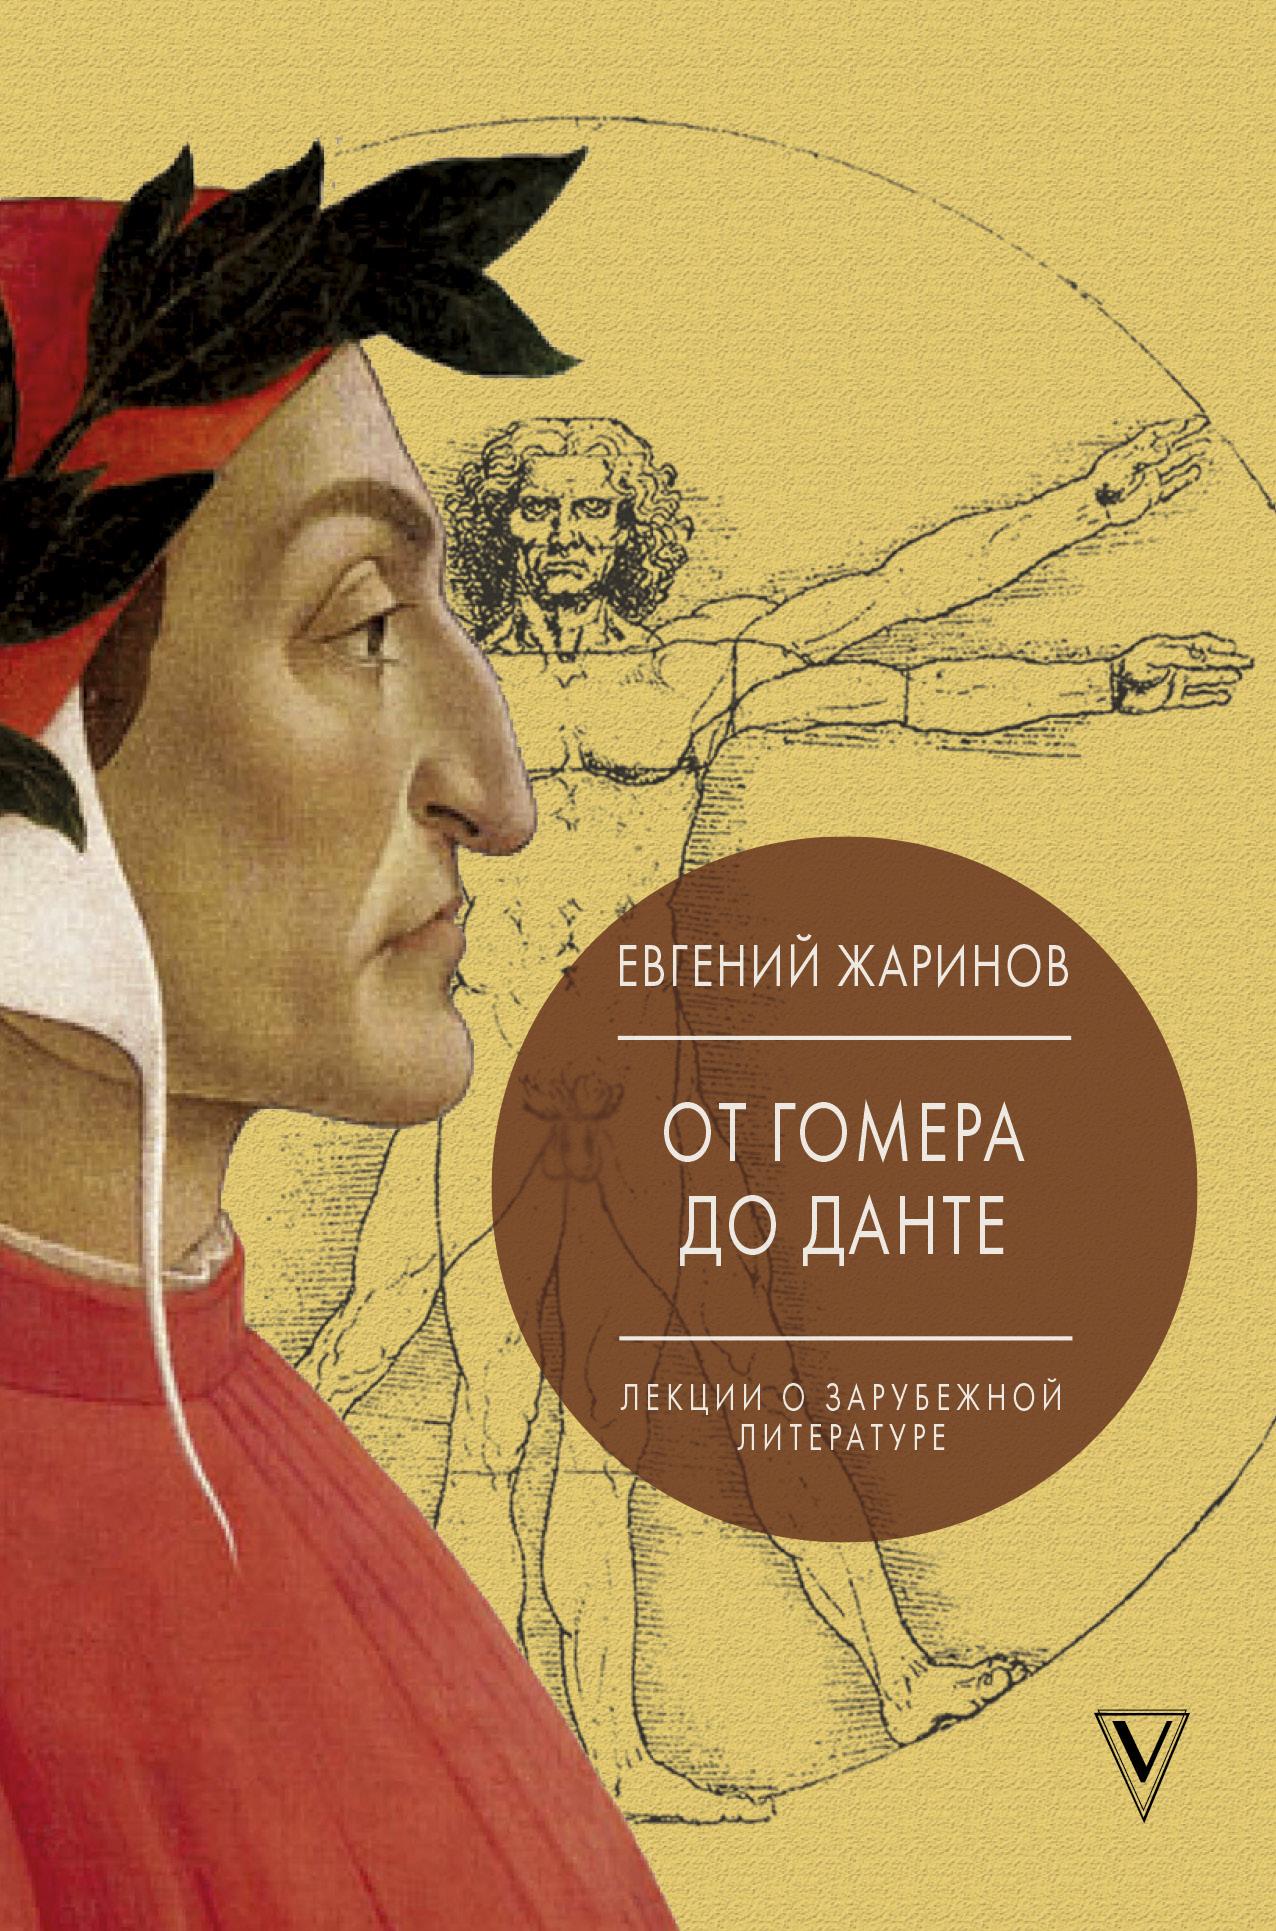 Лекции о зарубежной литературе. От Гомера до Данте. ( Жаринов Е.В.  )